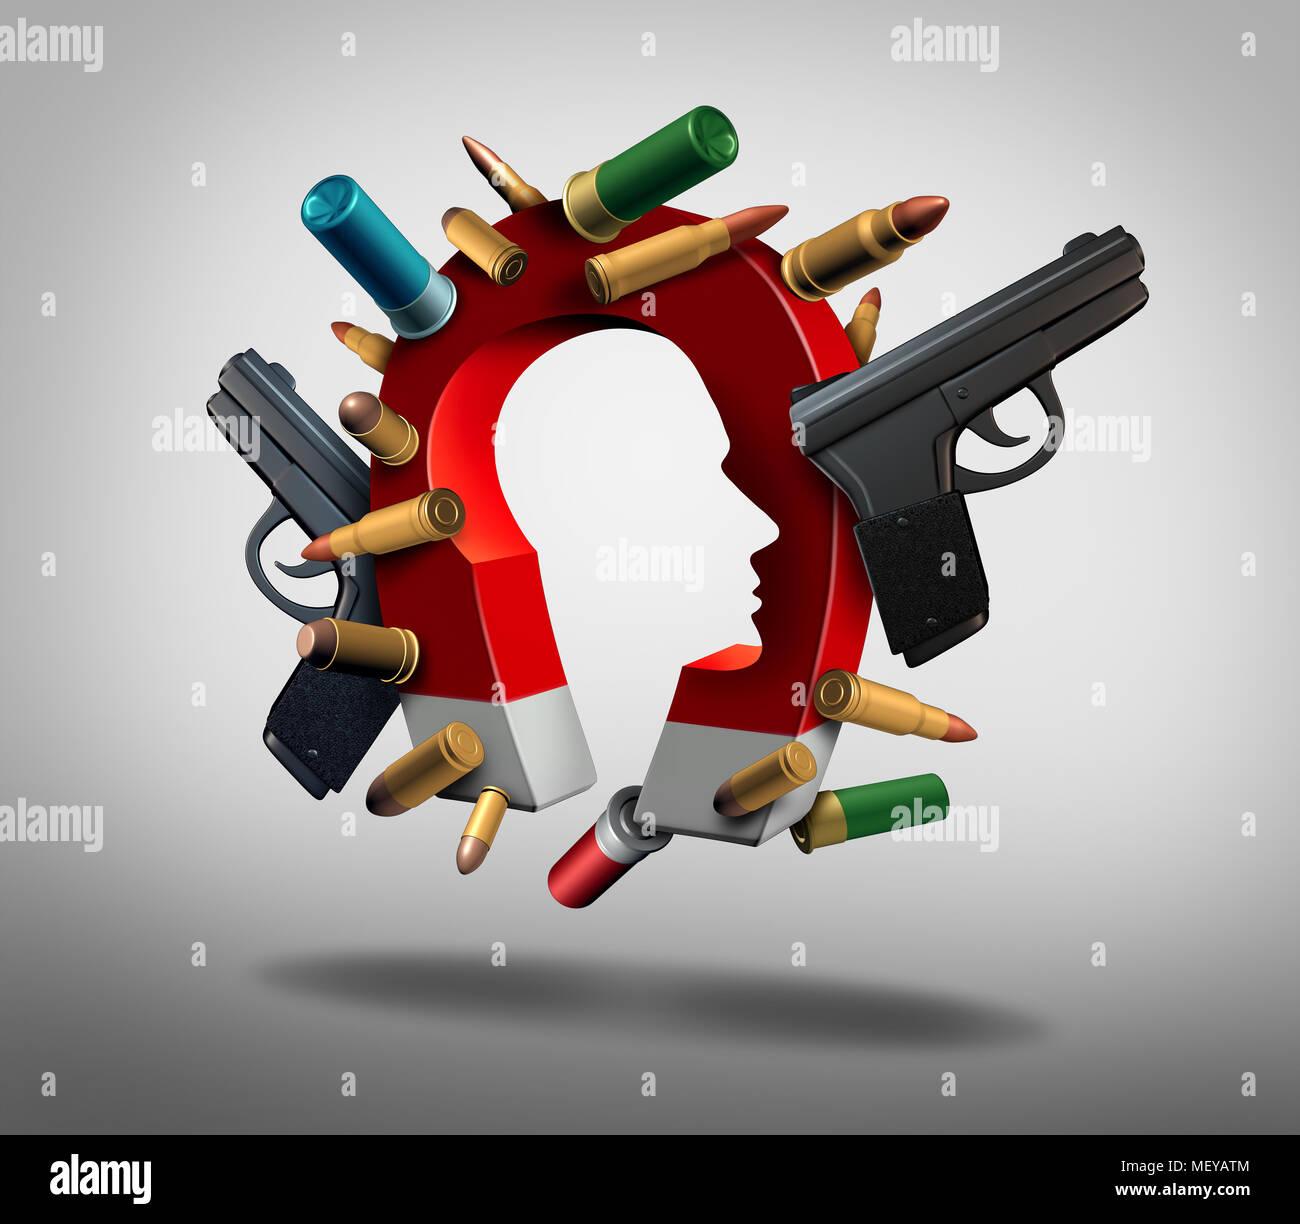 L'attrait pour les armes à feu et de la sécurité sociale ou de la société des questions relatives à la psychologie des personnes et des armes à feu et de culture des armes à feu comme un 3D illustration. Photo Stock